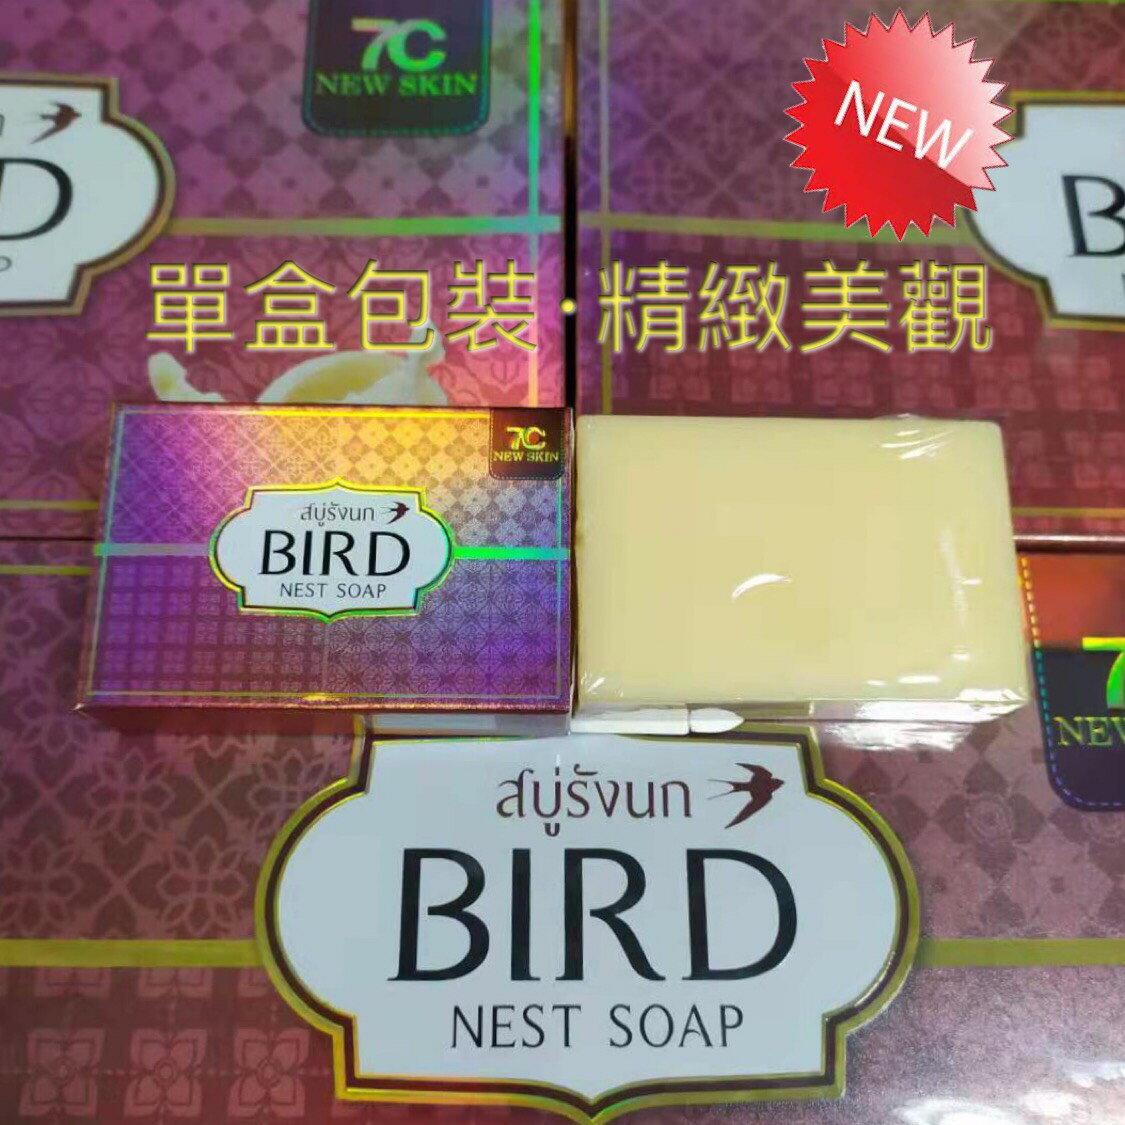 泰國天然椰油燕窩皂︱台灣獨賣新品︱GMP工廠生產 品質保證︱單買 ︱1~5個 6